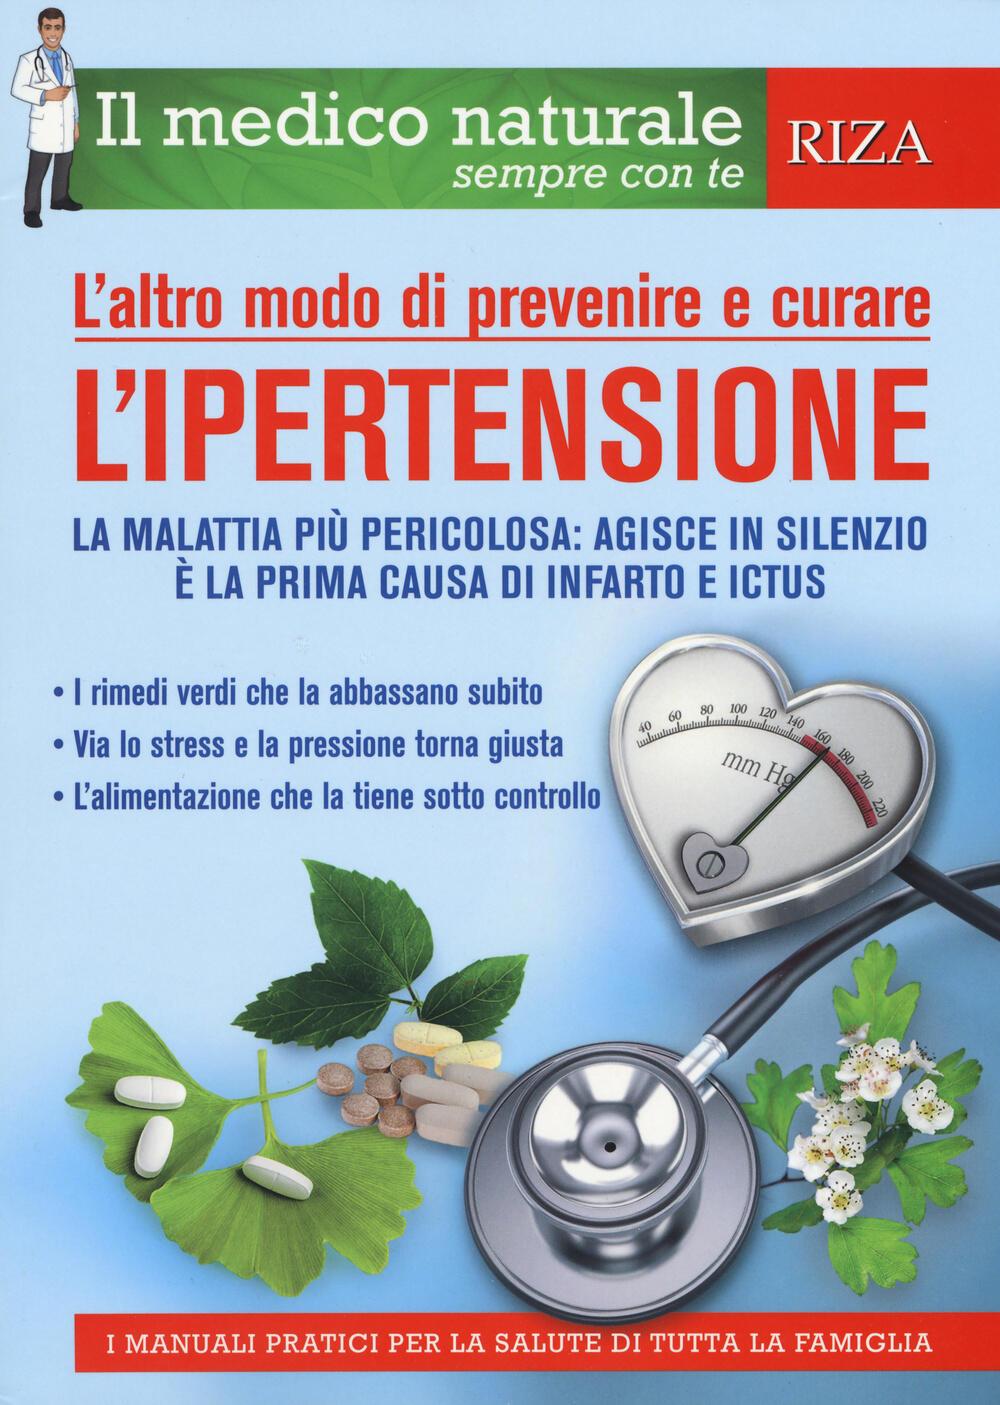 L' altro modo di prevenire e curare l'ipertensione - Libro..